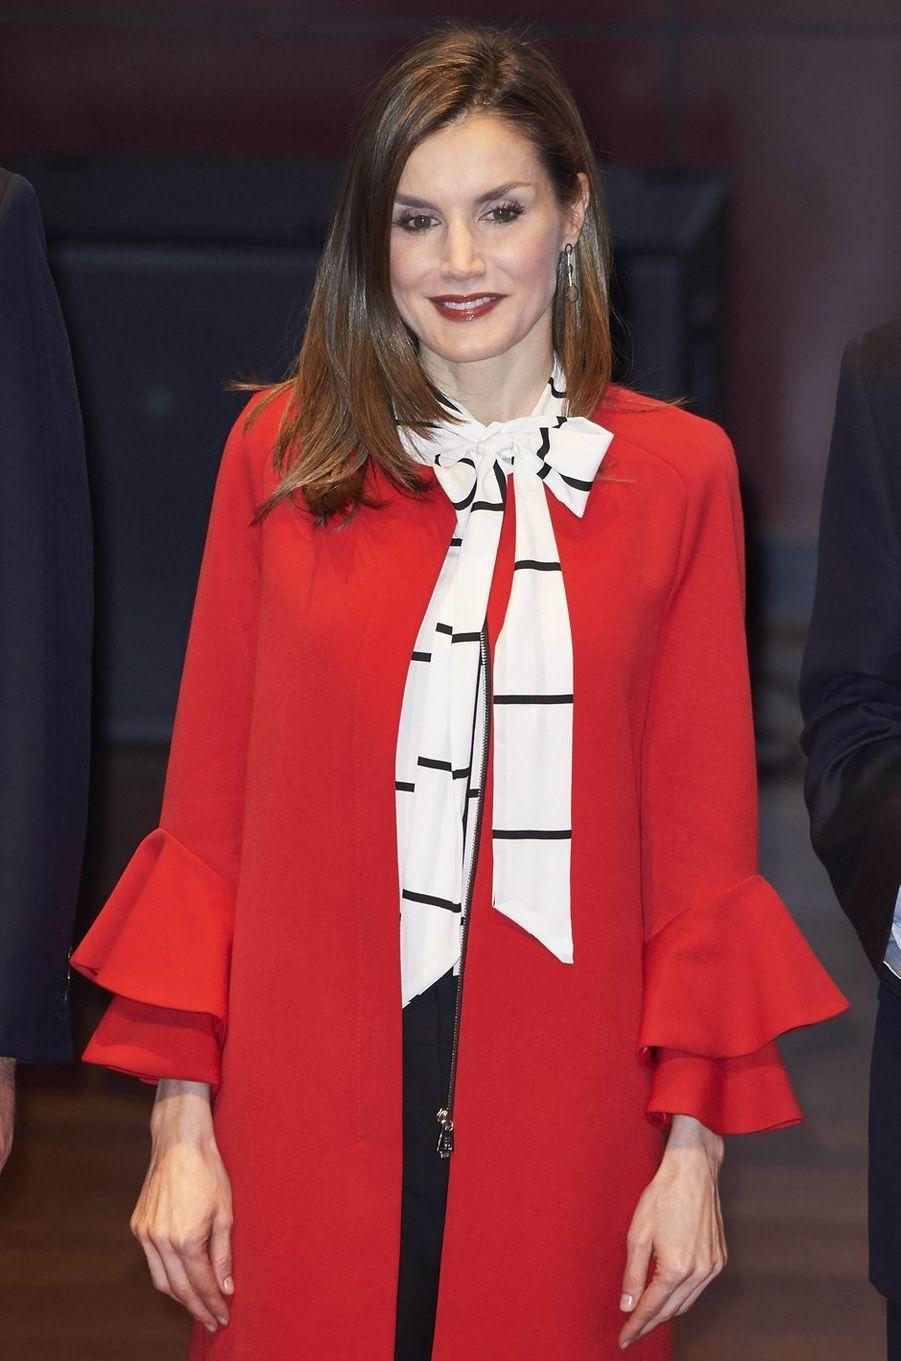 La reine Letizia d'Espagne dans son manteau Zara à Madrid, le 14 mars 2017